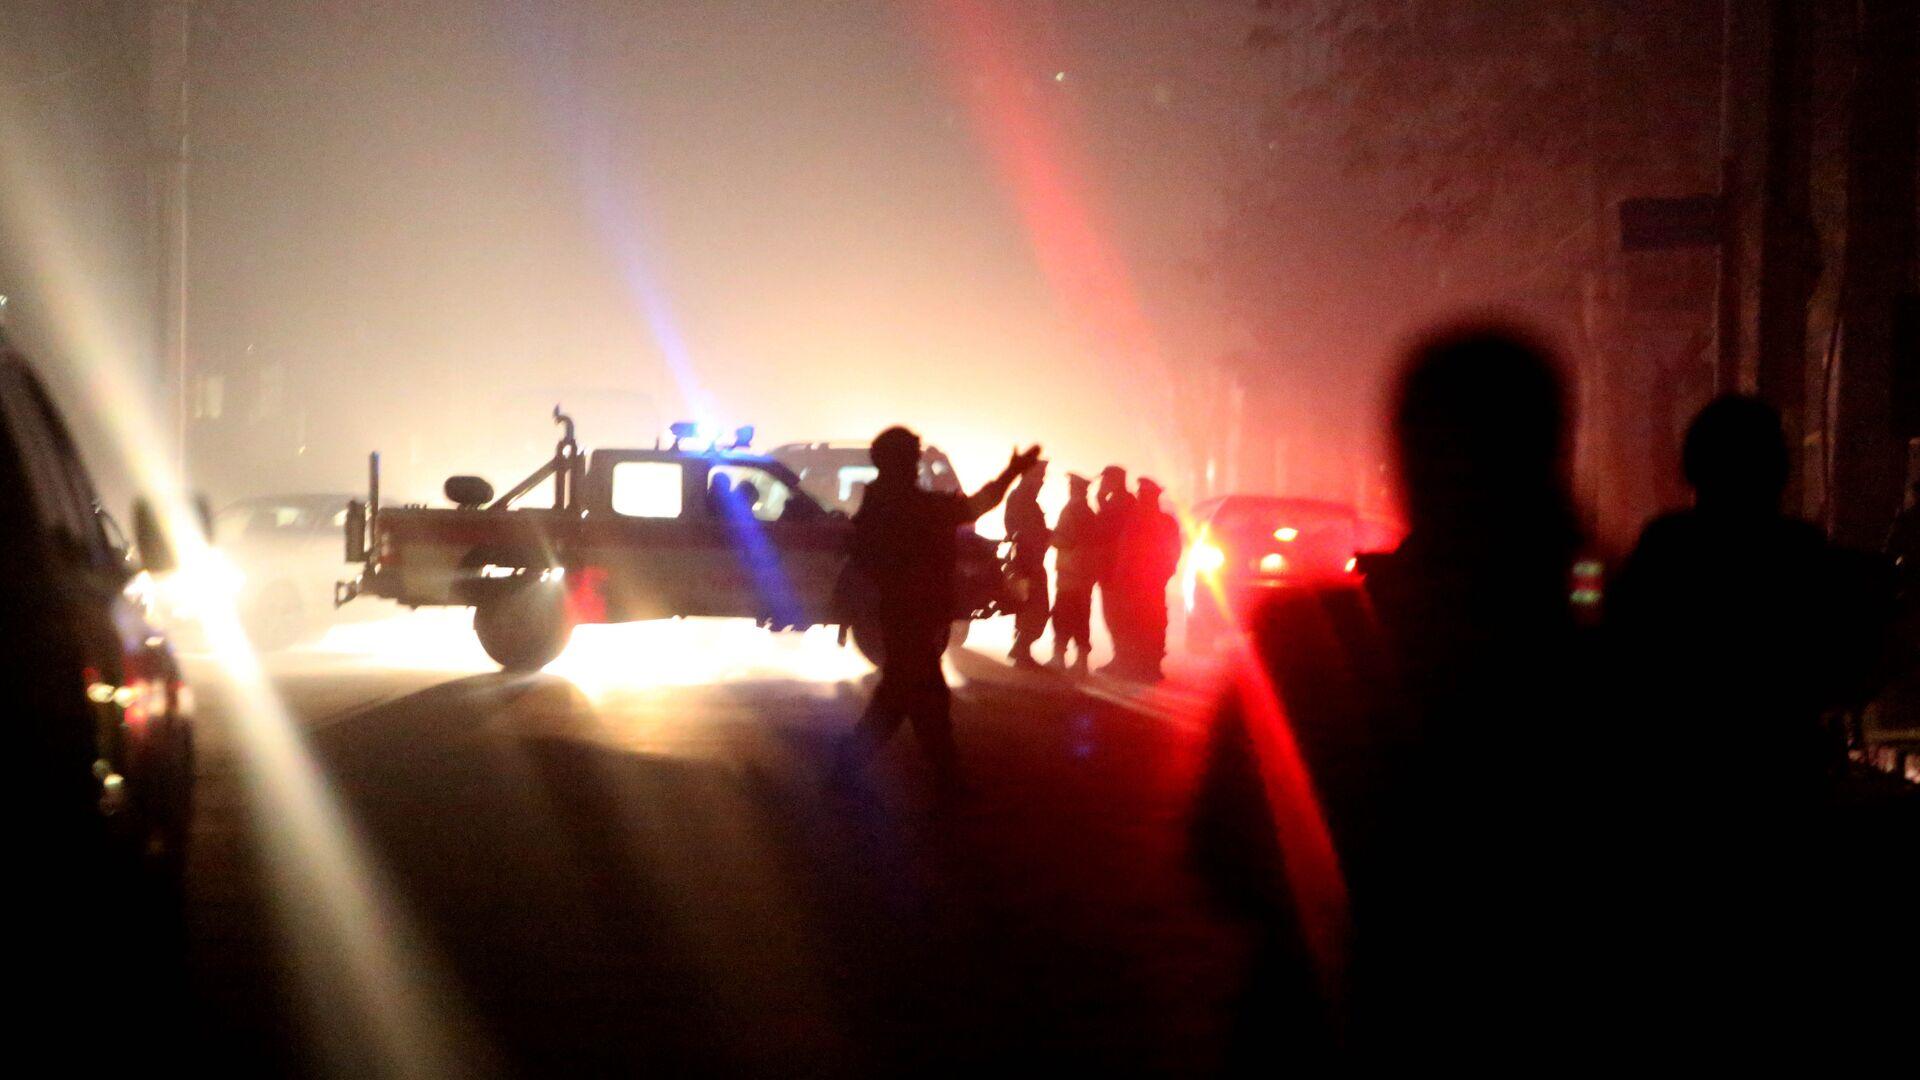 Афганские силы безопасности осматривают место взрыва в Кабуле - Sputnik Узбекистан, 1920, 08.10.2021